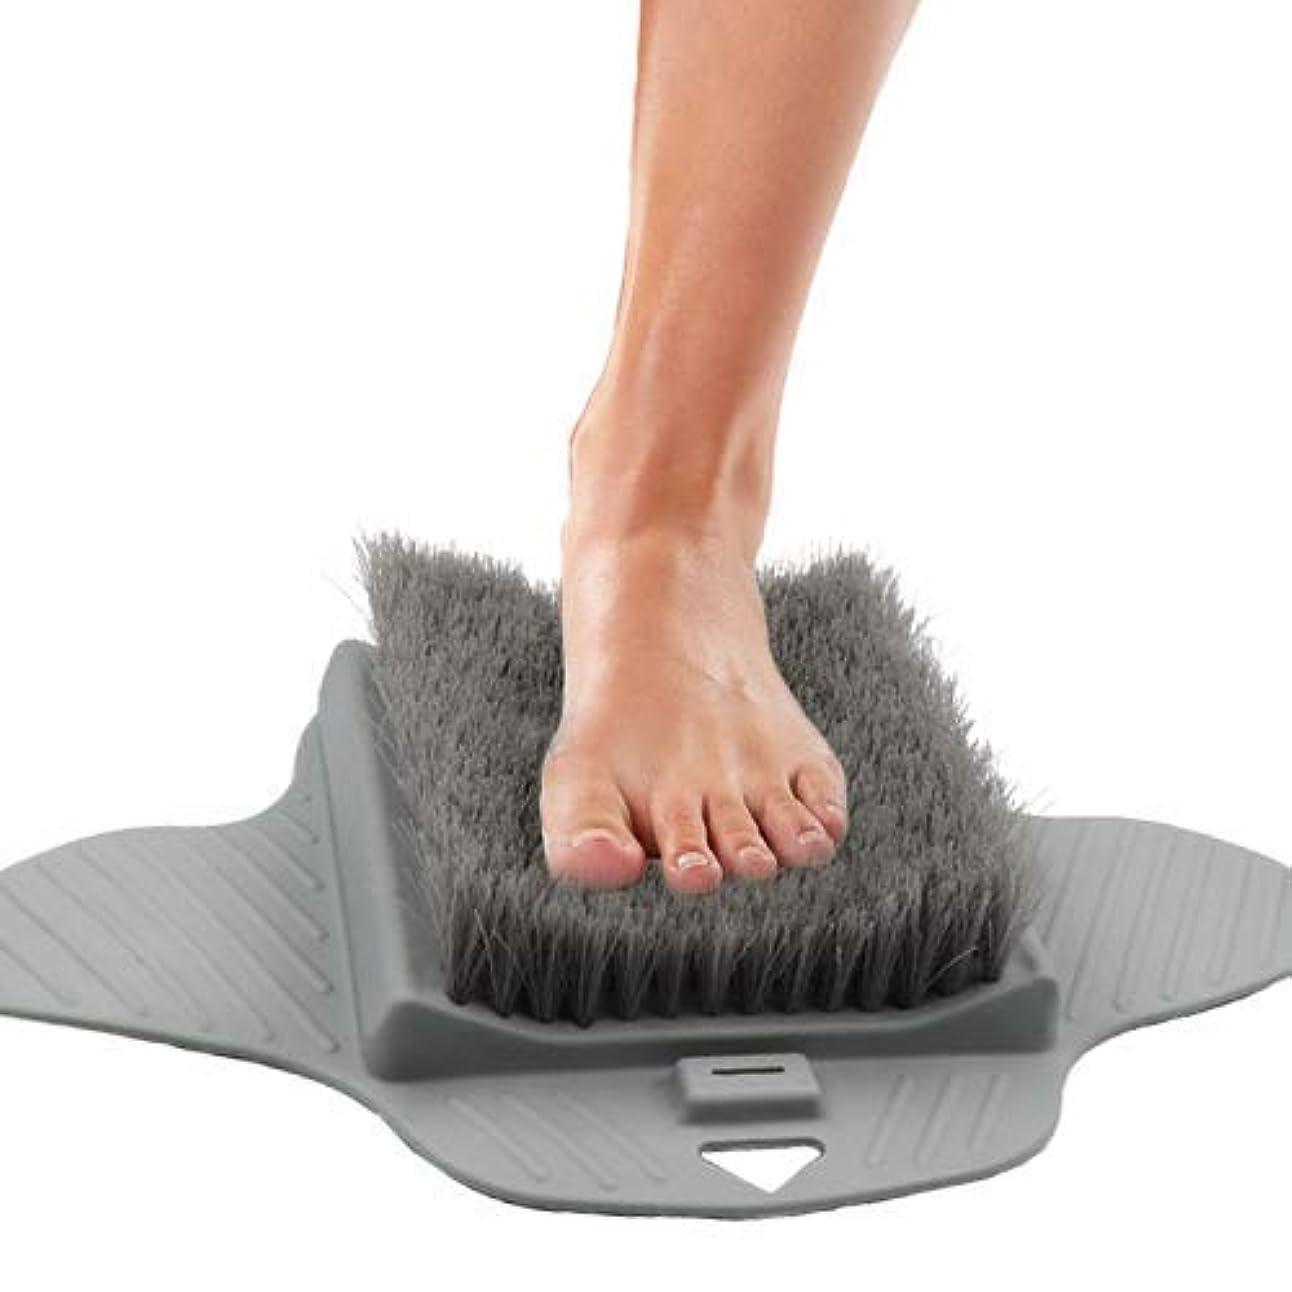 タール最悪アナロジーJhua 足の裏とカルスを掃除するためのシャワーフットスクラバーバスタブフロアブラシ-滑り止め吸引カップ、指圧マッサージマットフットクリーナー